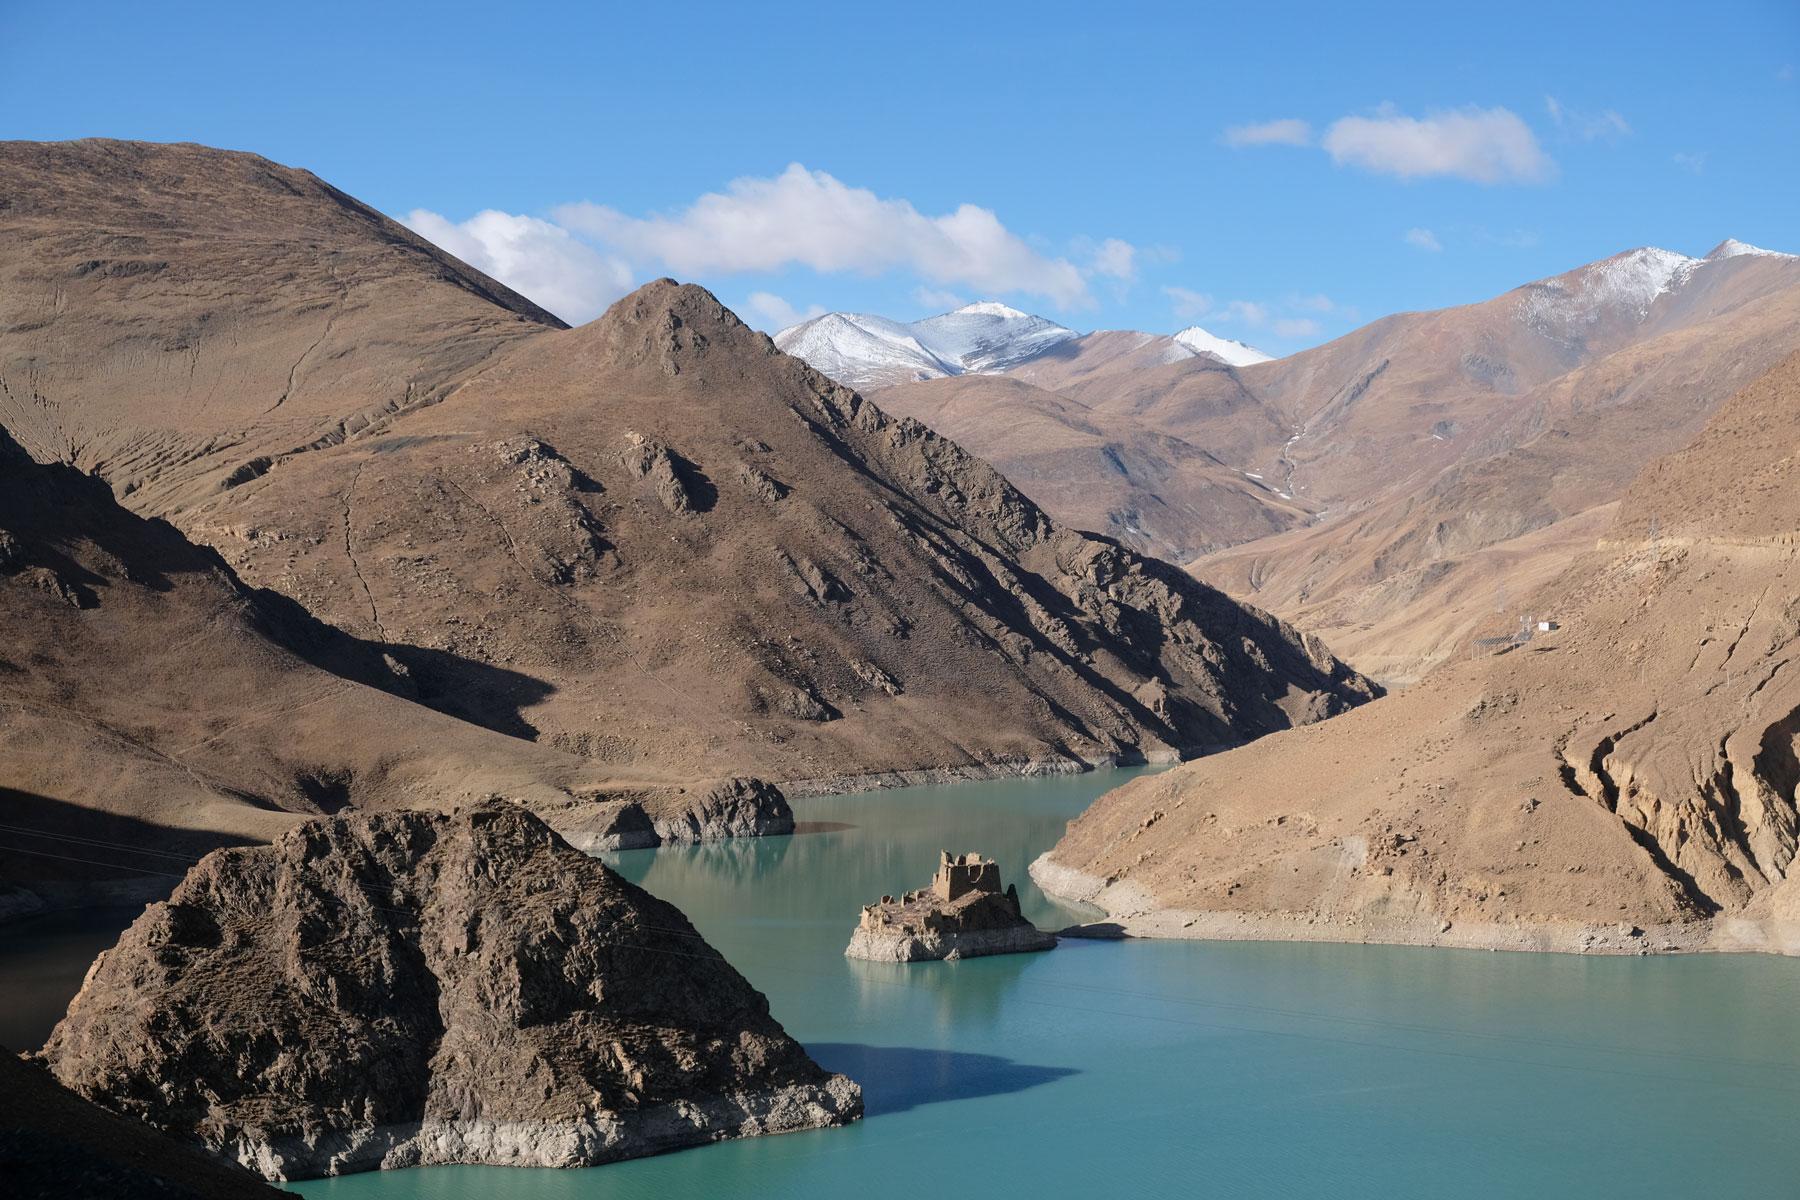 Das Manla Reservoir liegt eingebettet zwischen den Bergen kurz hinter der Stadt Gyantse in Tibet.